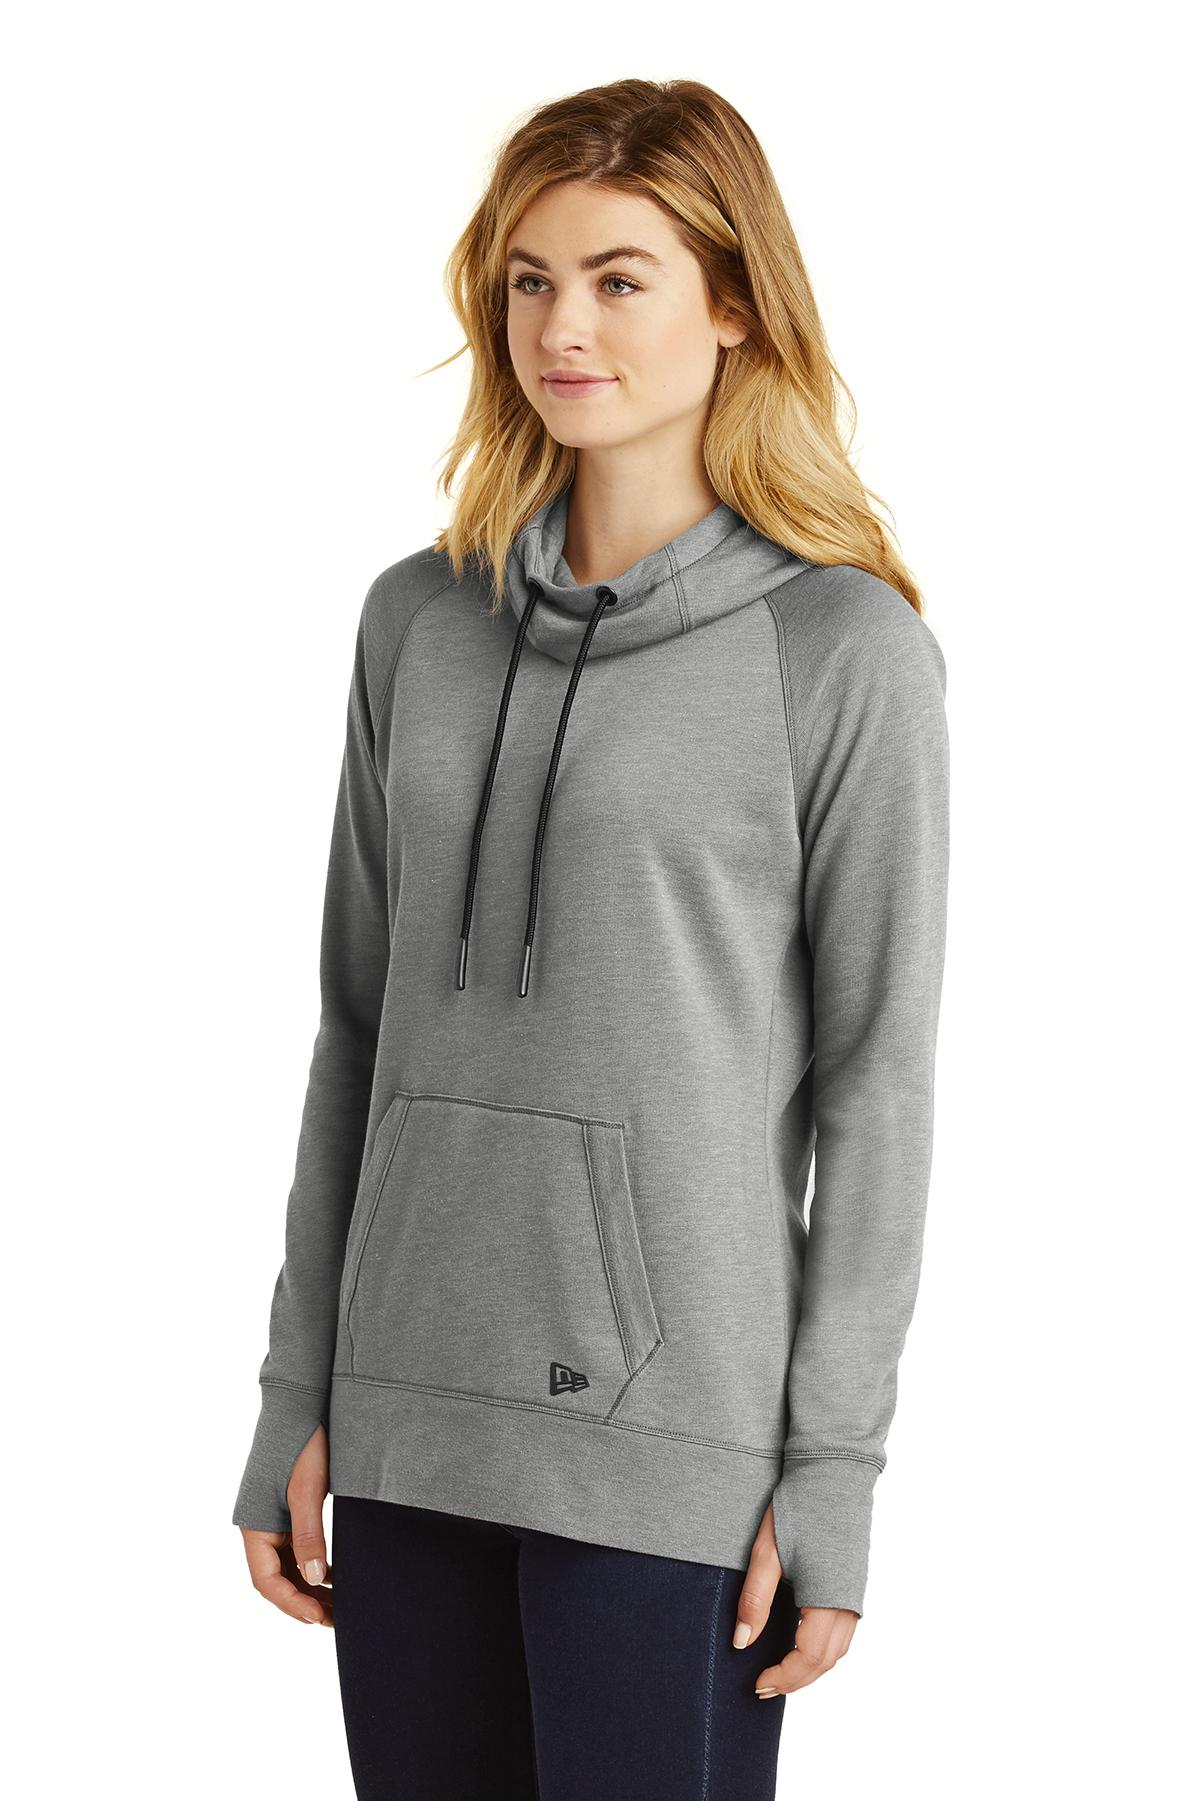 ae1fc6ba259 New Era® Ladies Tri-Blend Fleece Pullover Hoodie